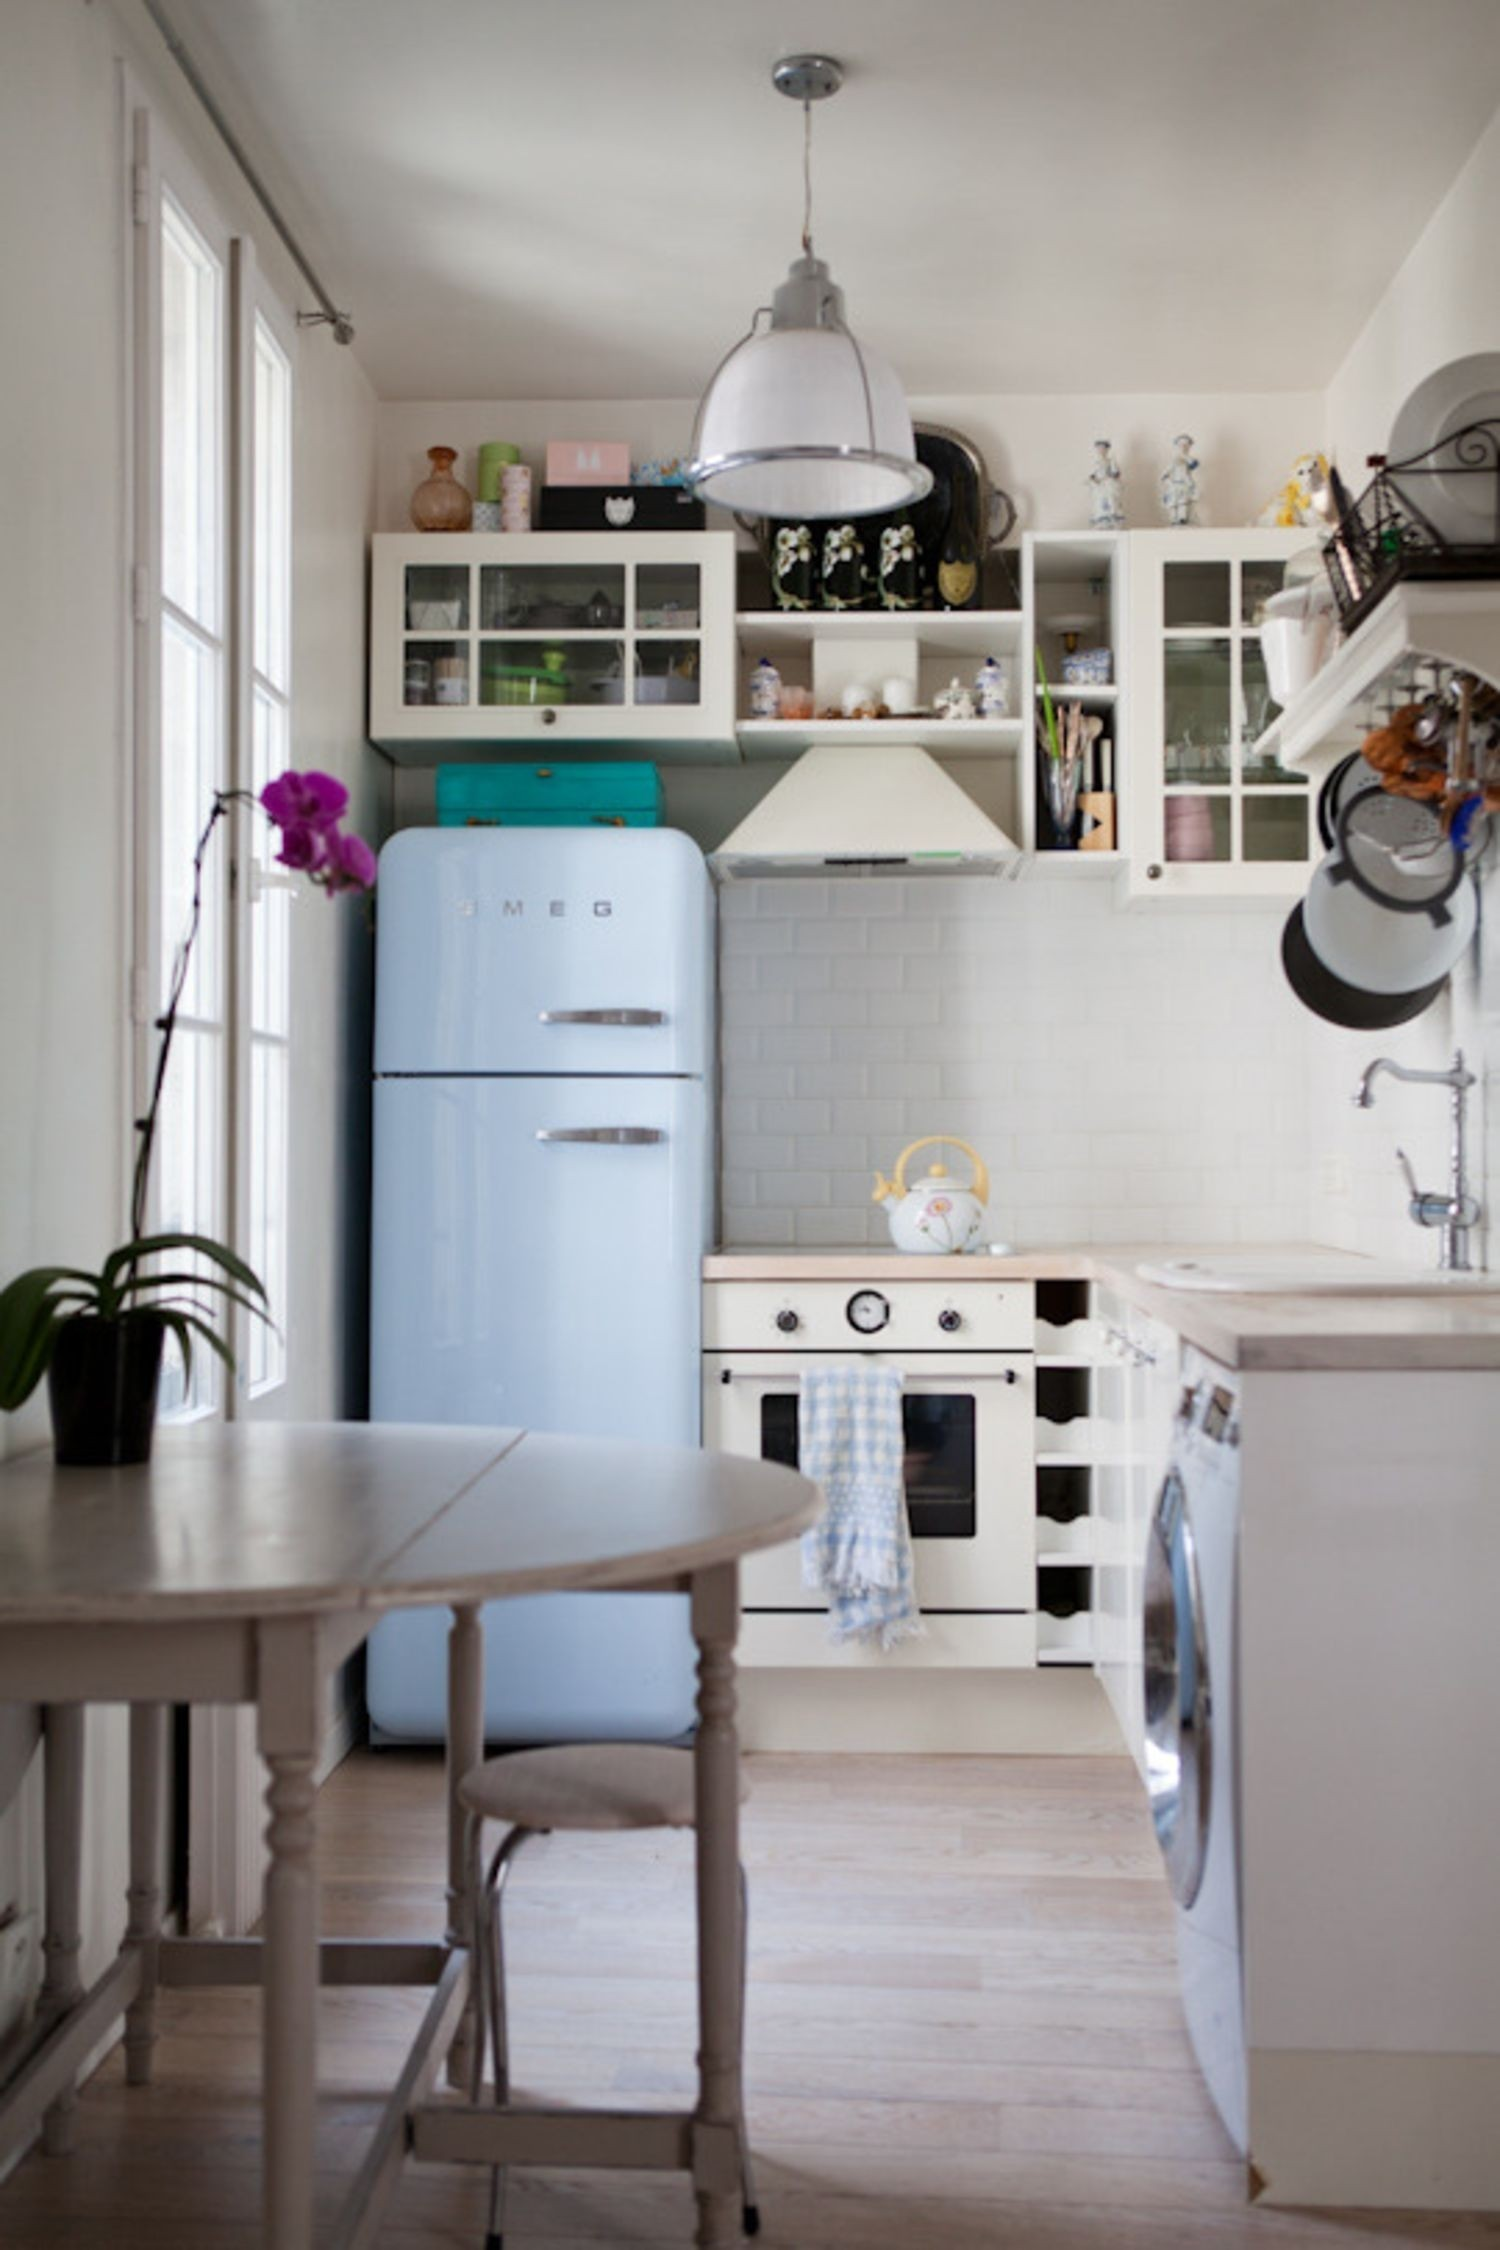 Chọn mua tủ lạnh có giá thành phù hợp